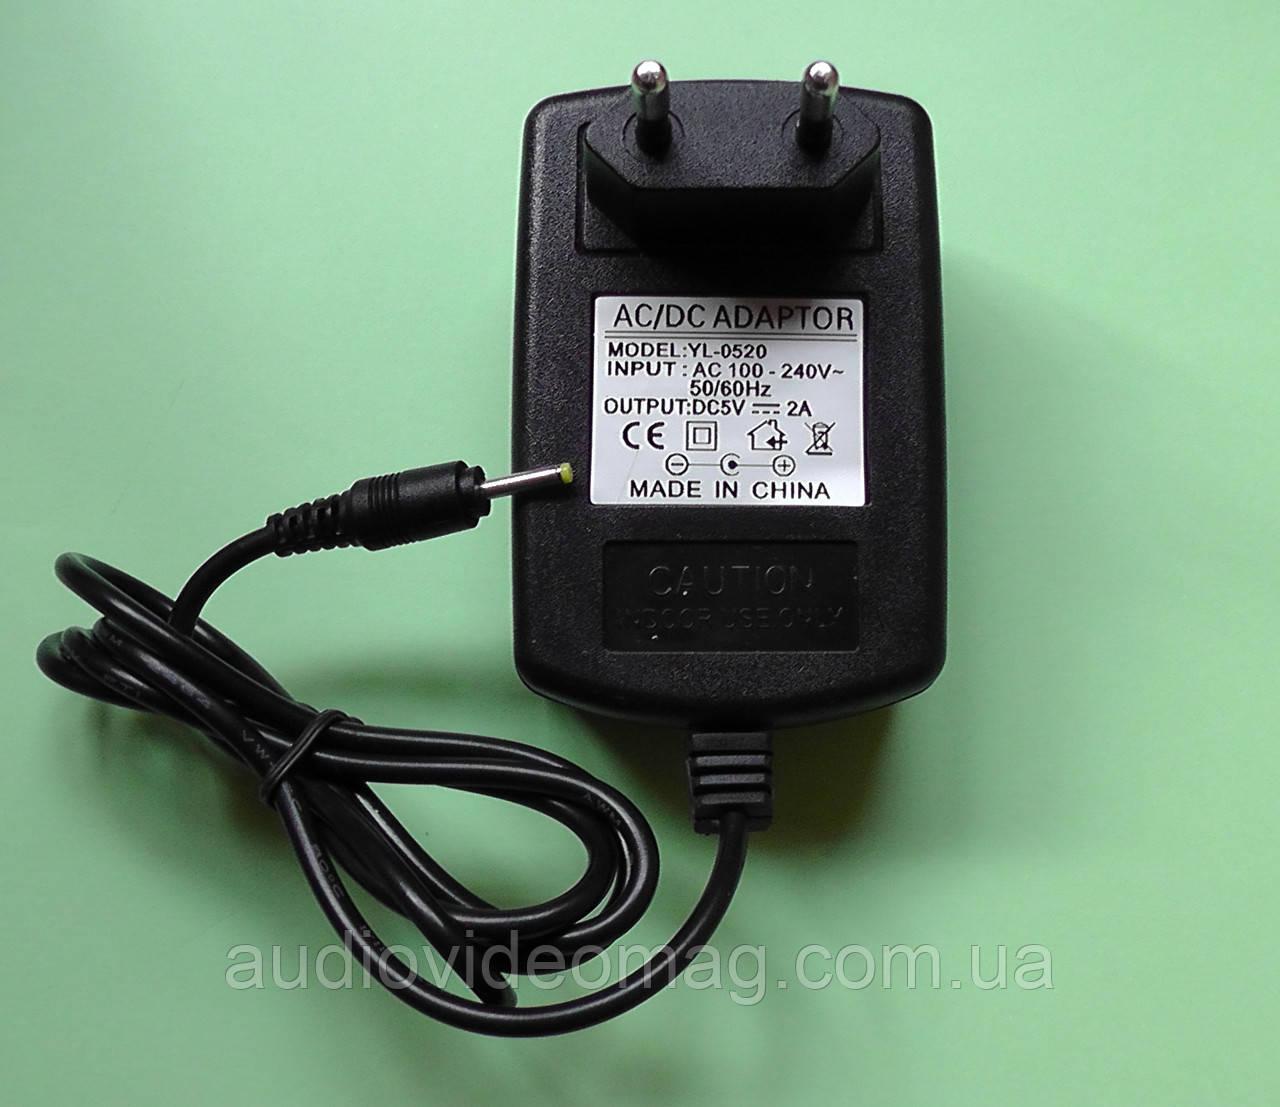 Блок питания 5V 2A штекер 2.5-0.7 для планшета